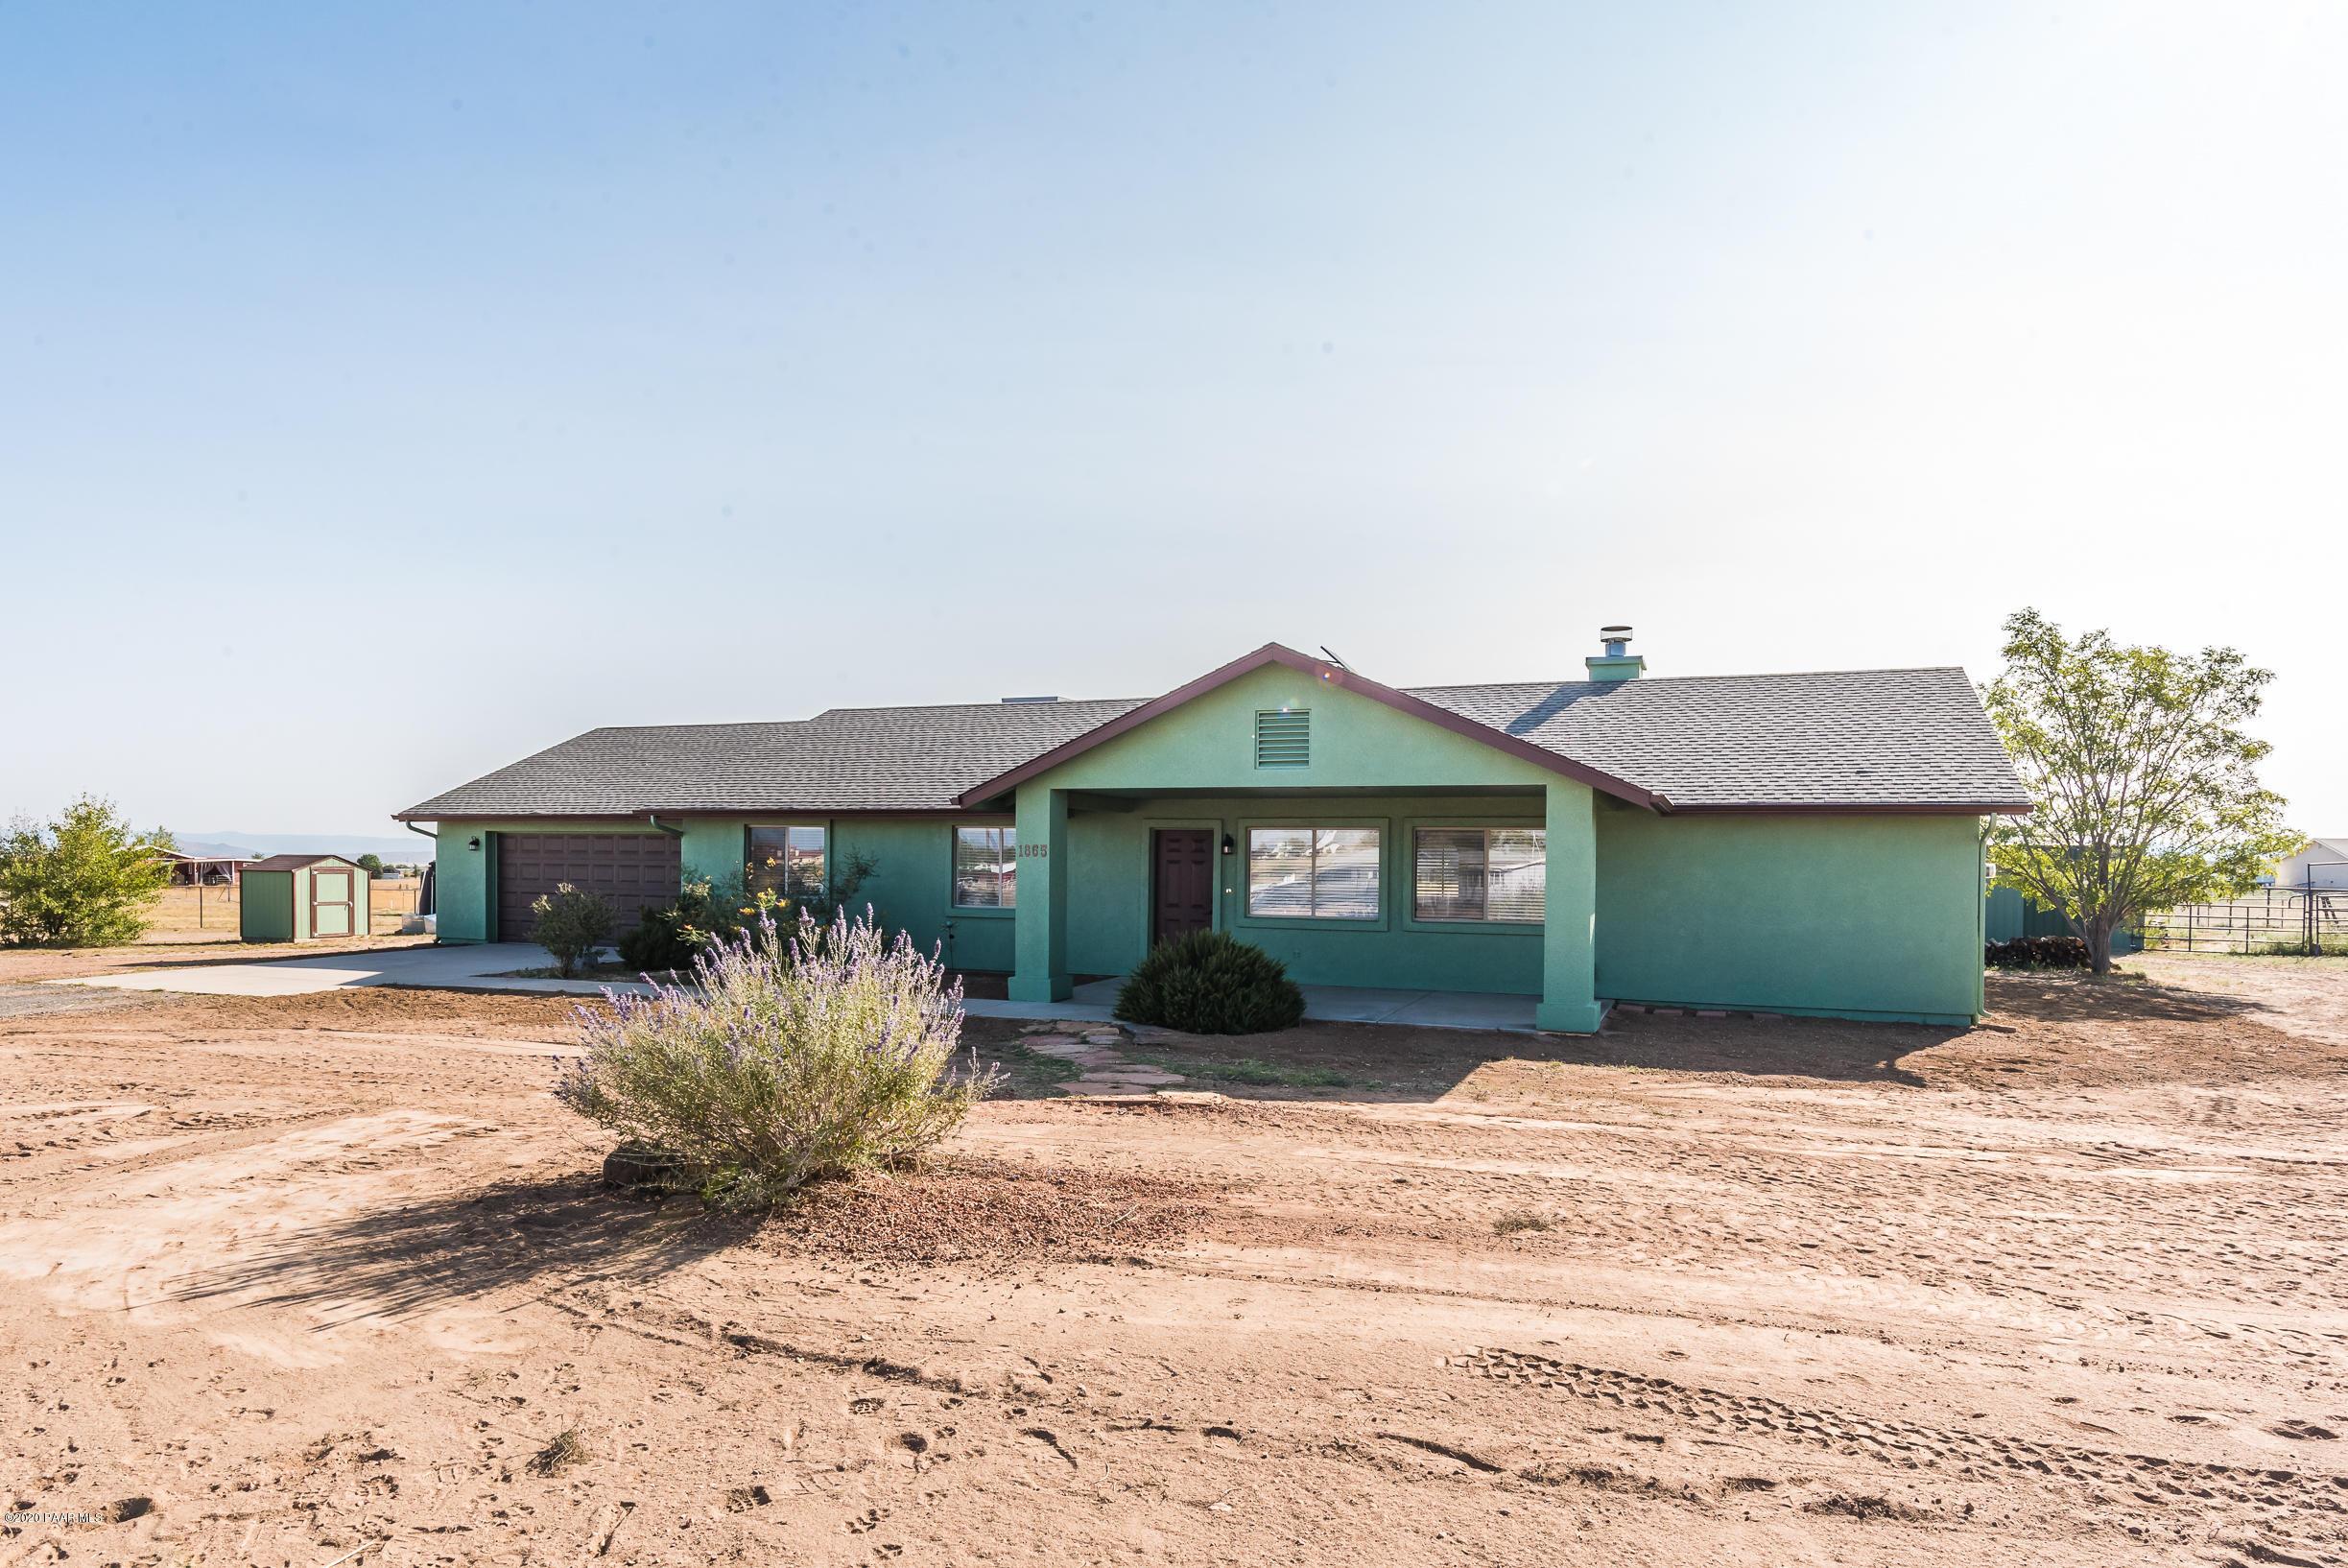 Photo of 1865 Yellow Brick, Chino Valley, AZ 86323